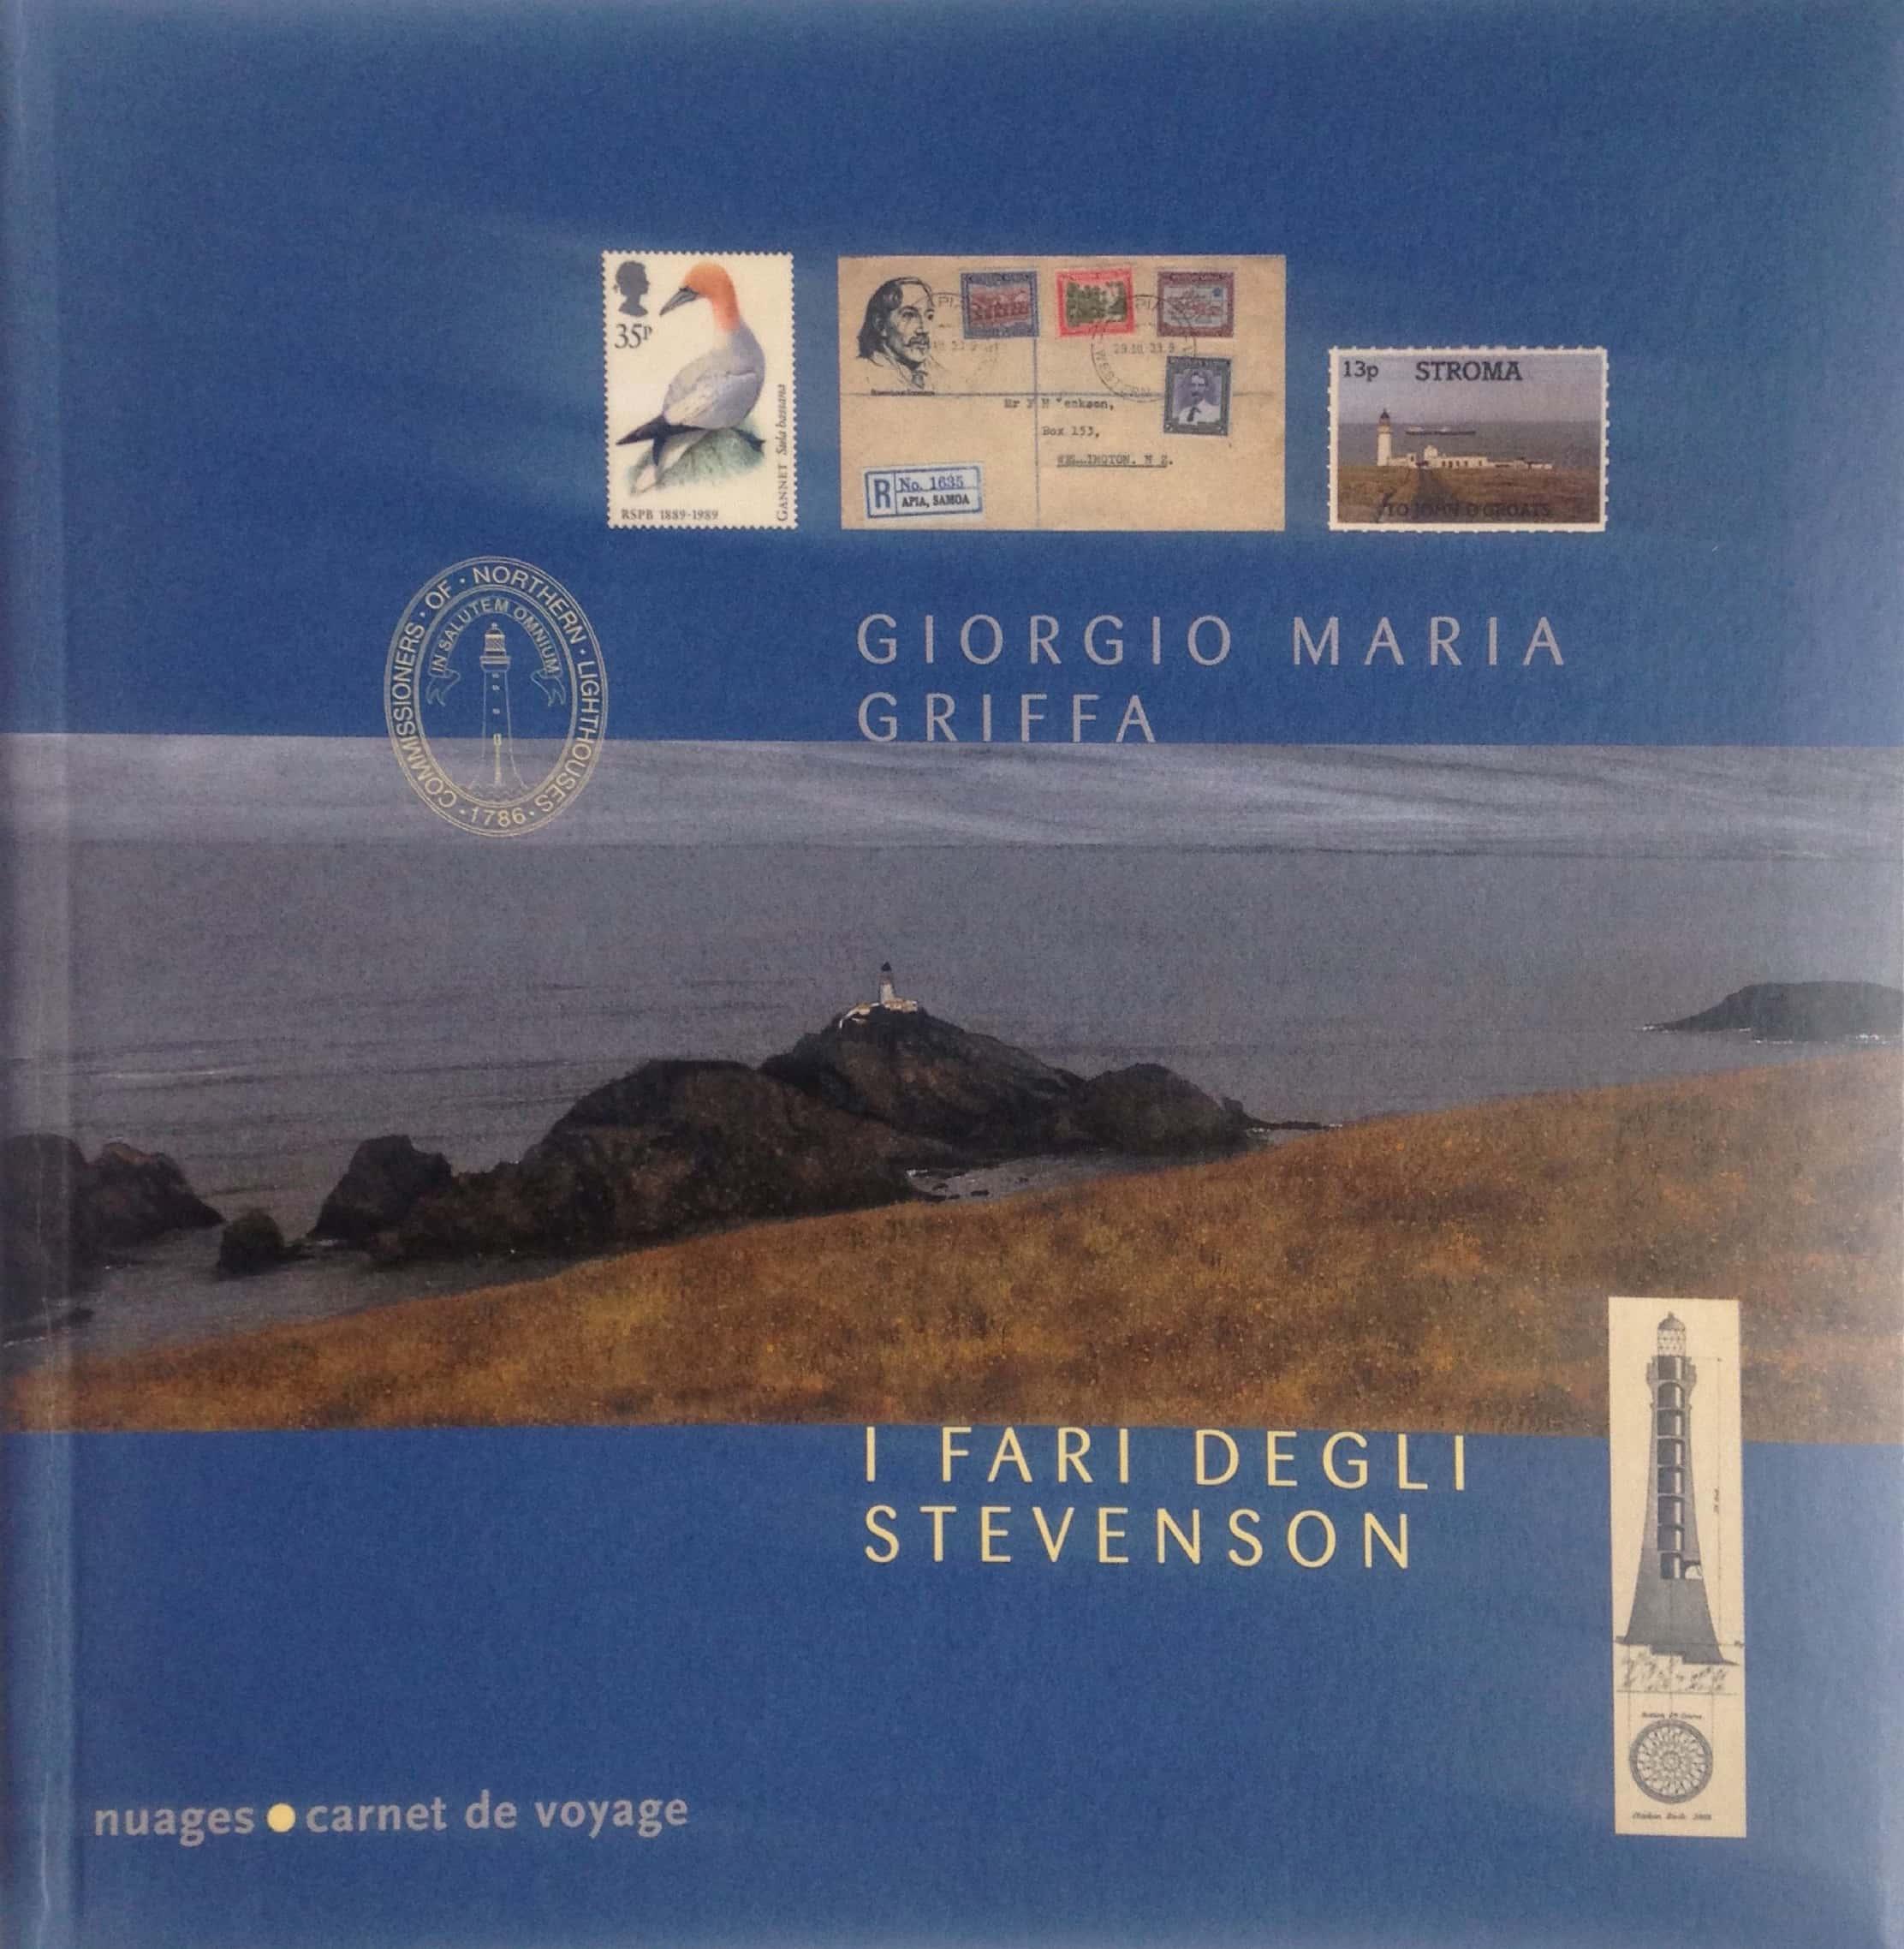 """""""I fari degli Stevenson"""" di Giorgio Maria Griffa, un libro scomparso!"""